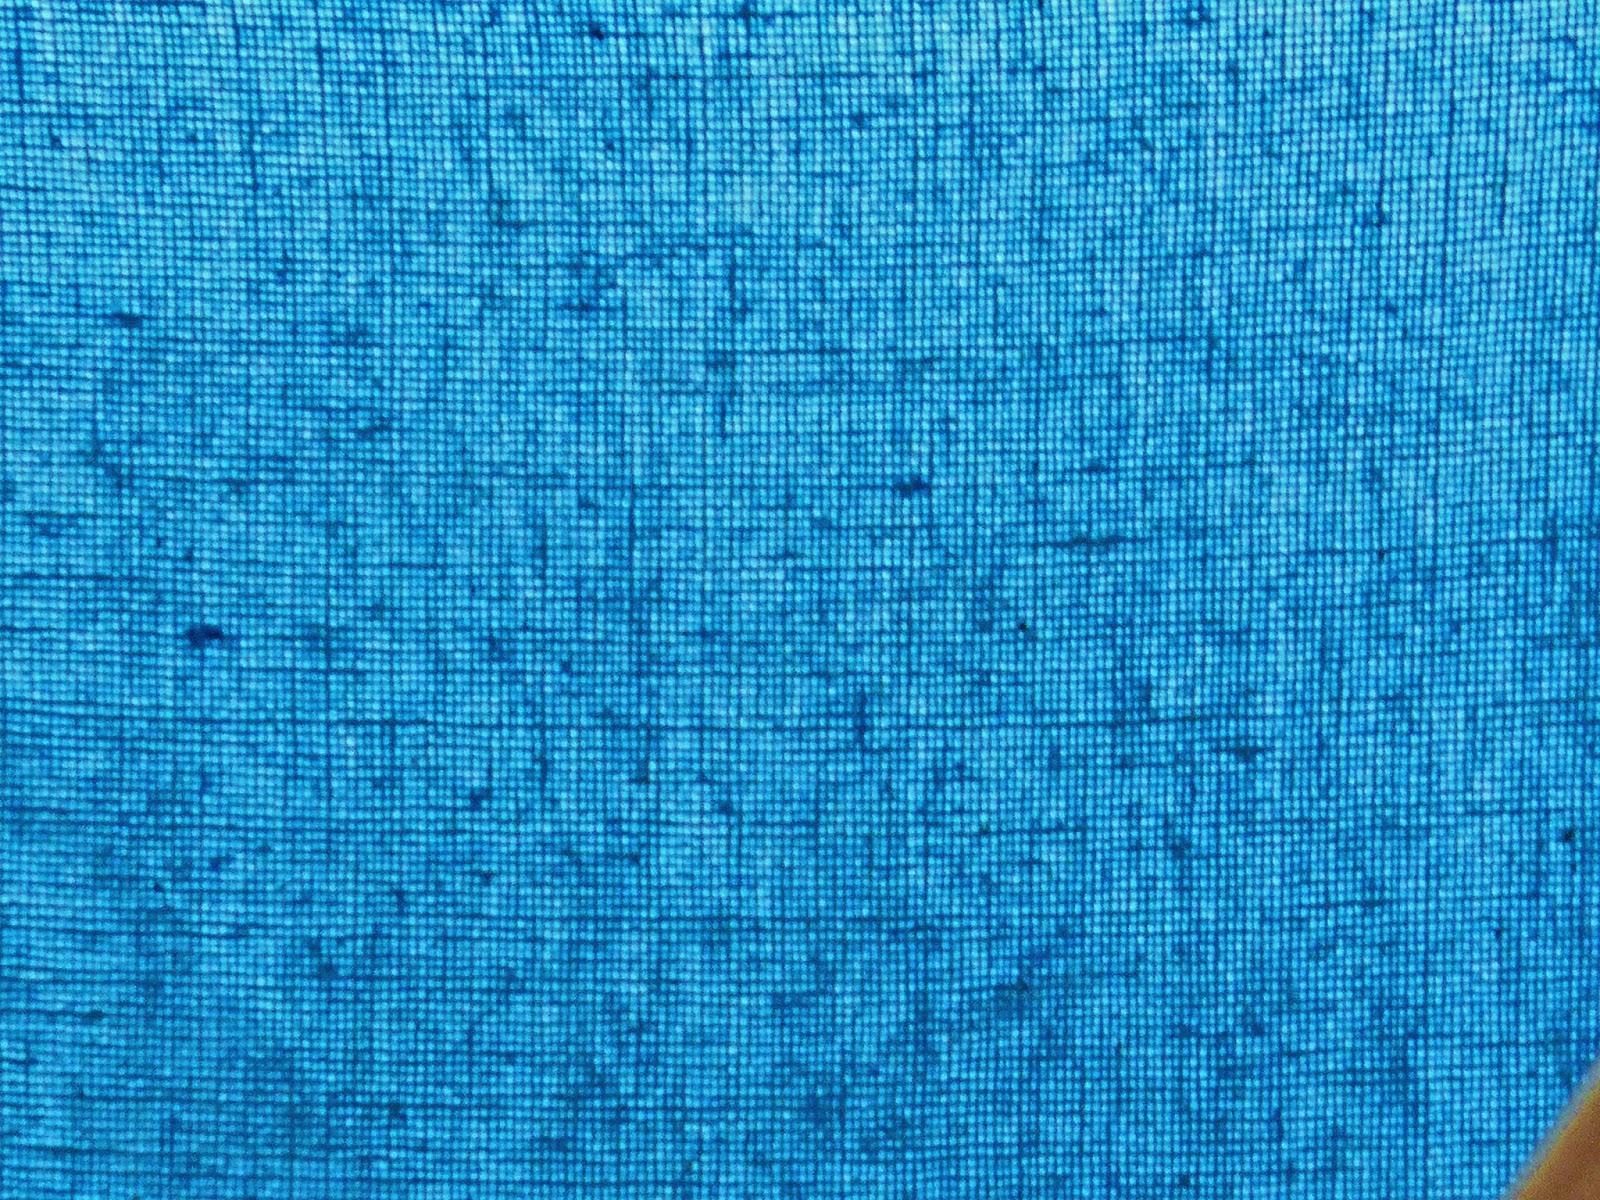 Fondos Variados..... - Página 2 Textura-de-tela-azul